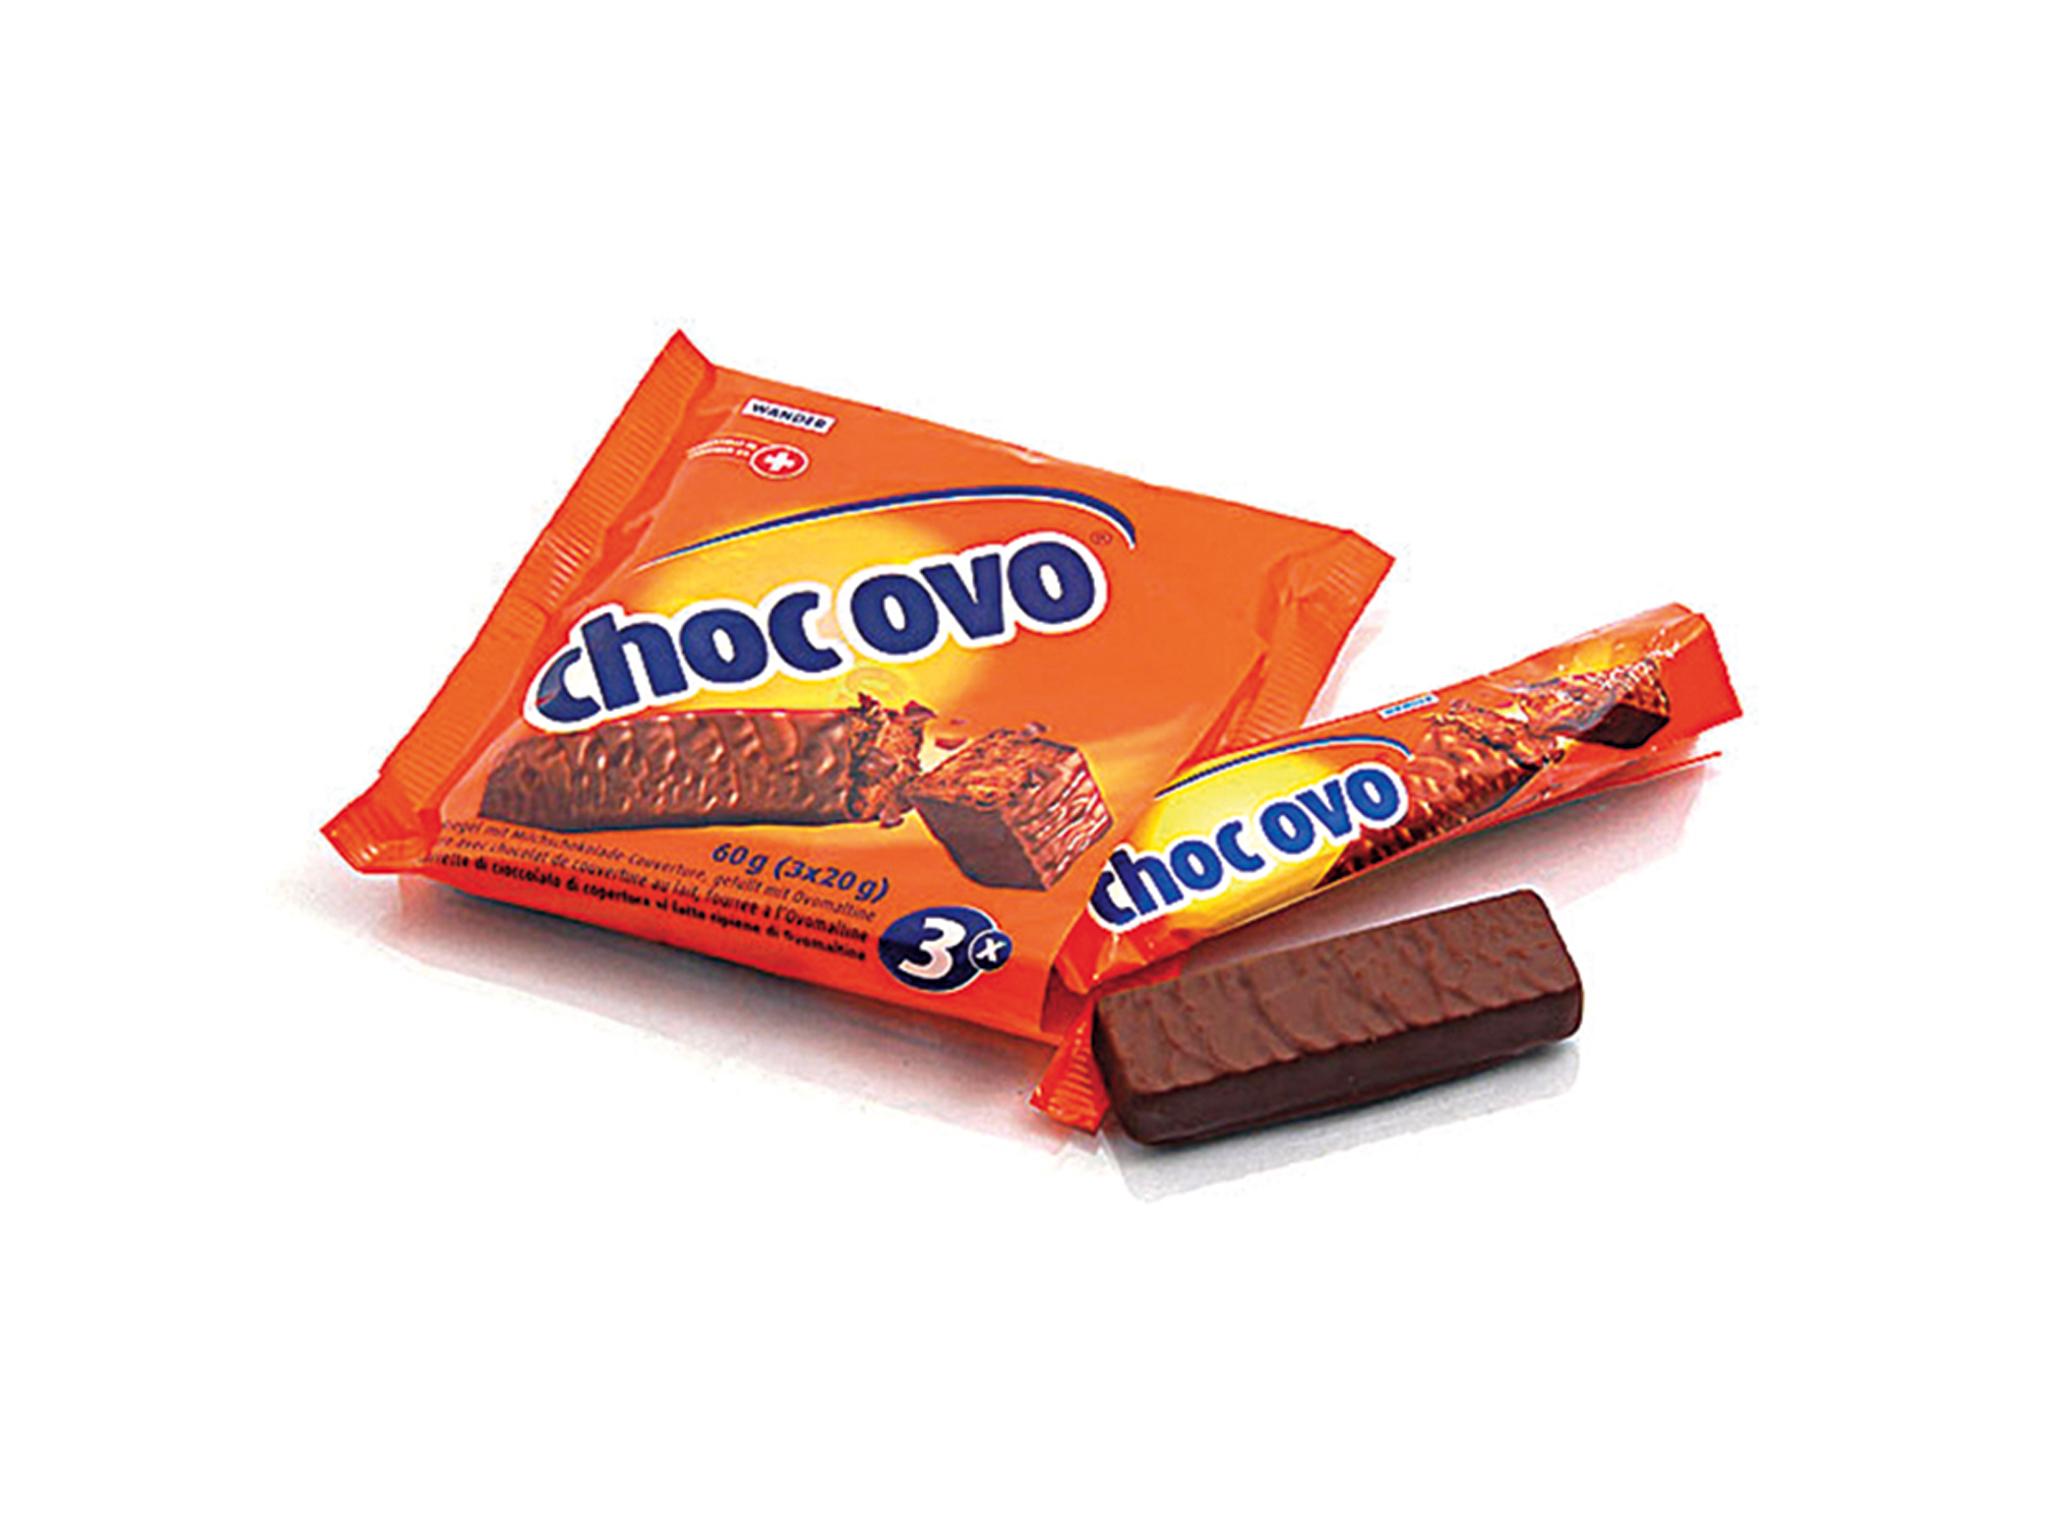 Chocolate Choc Ovo